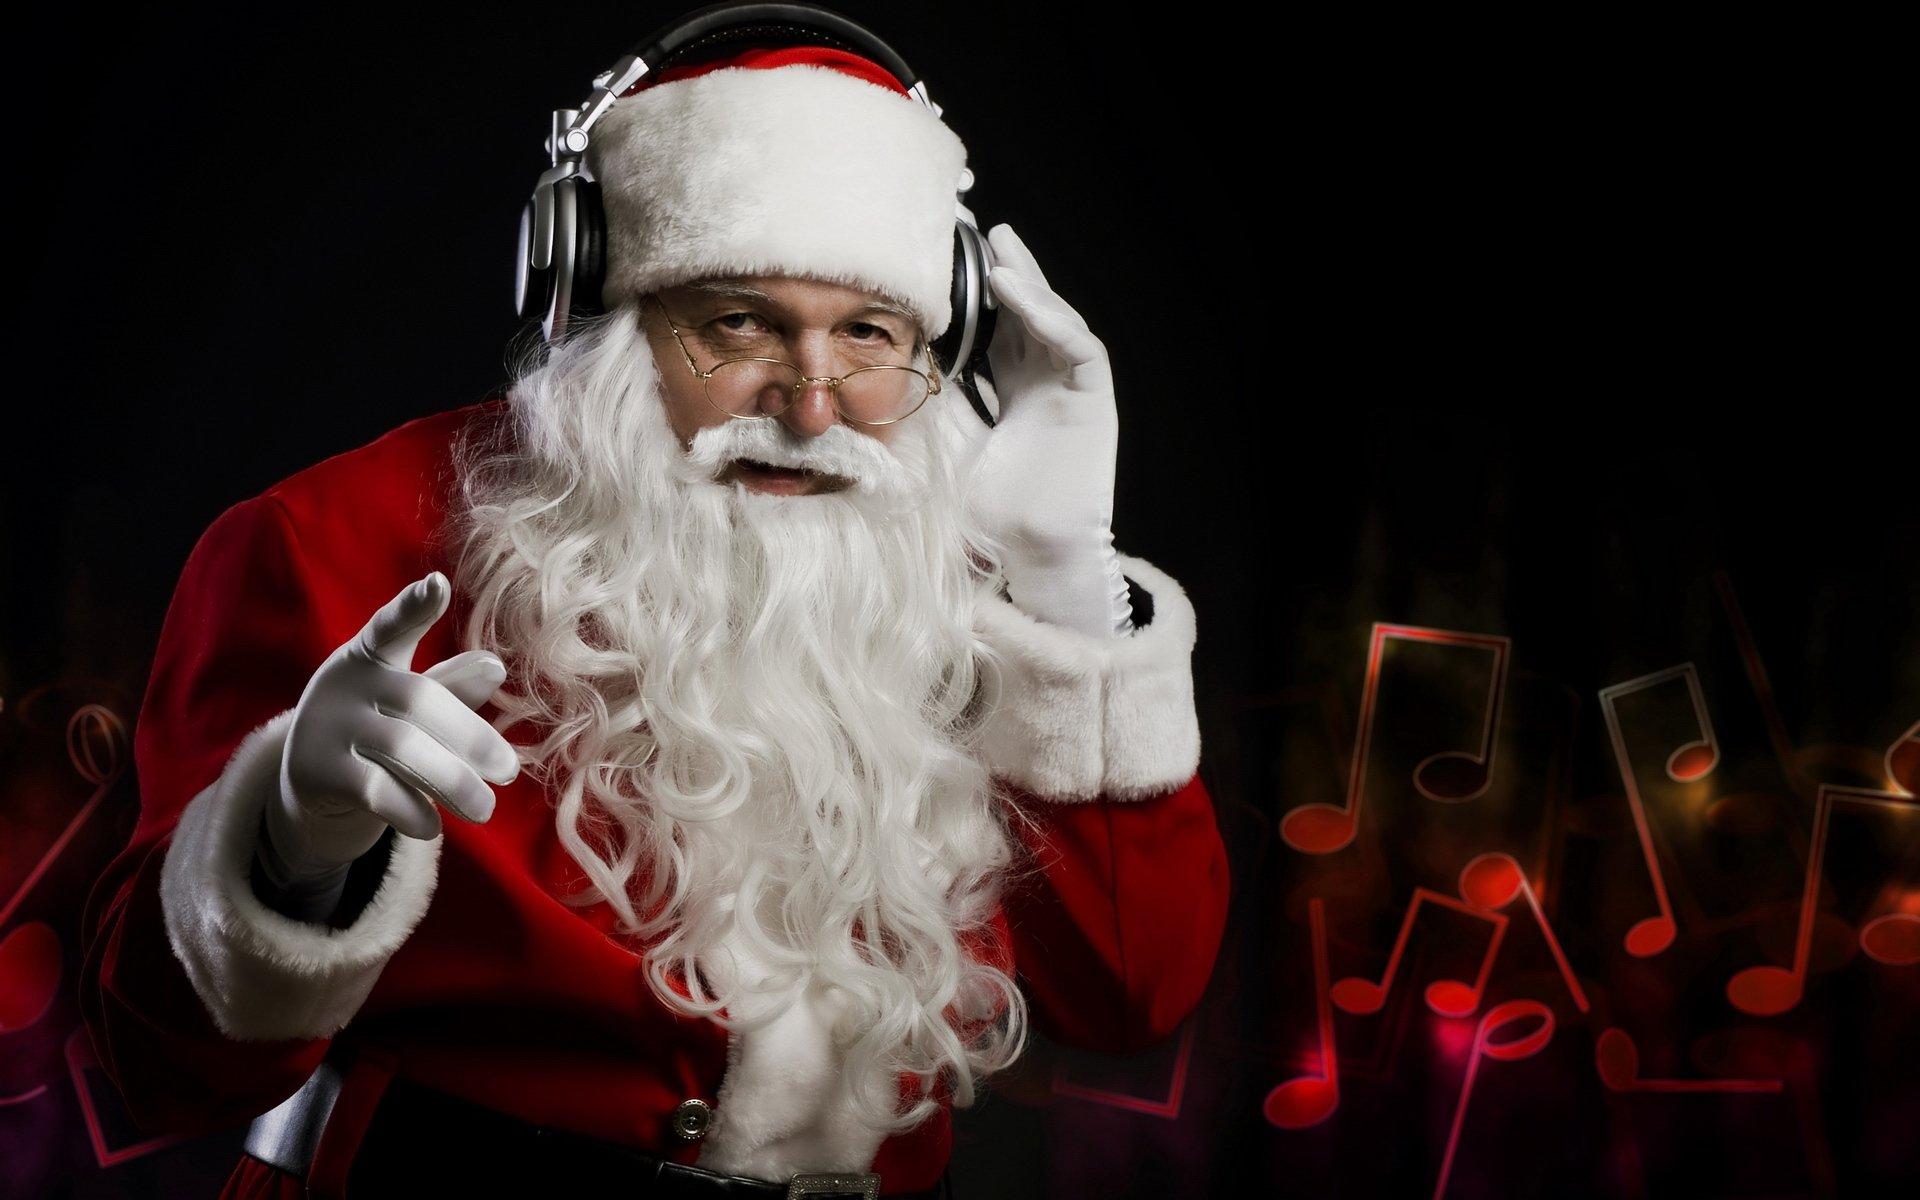 бобслейную новогоднее поздравление в стиле рэп крупная